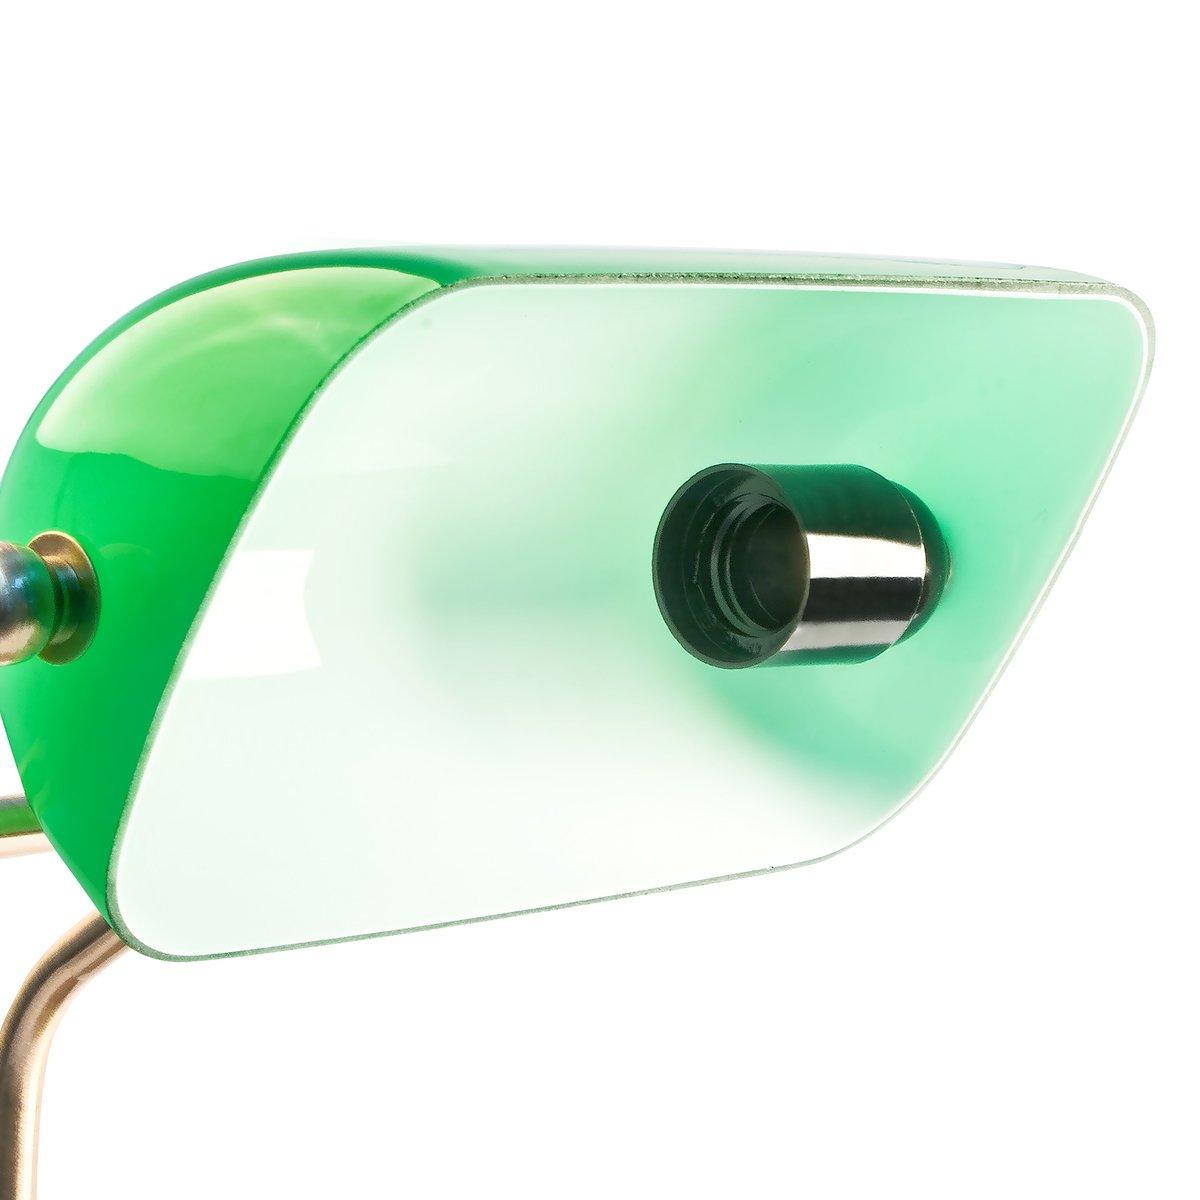 Relaxdays Bankerlampe Grün Mit Verziertem Holzfuß U2013 Retro Tischlampe Grüne  Schreibtischlampe Bibliotheksleuchte Banker Lampe Im 20er Jahre Dekor U2013  Farbe: ...